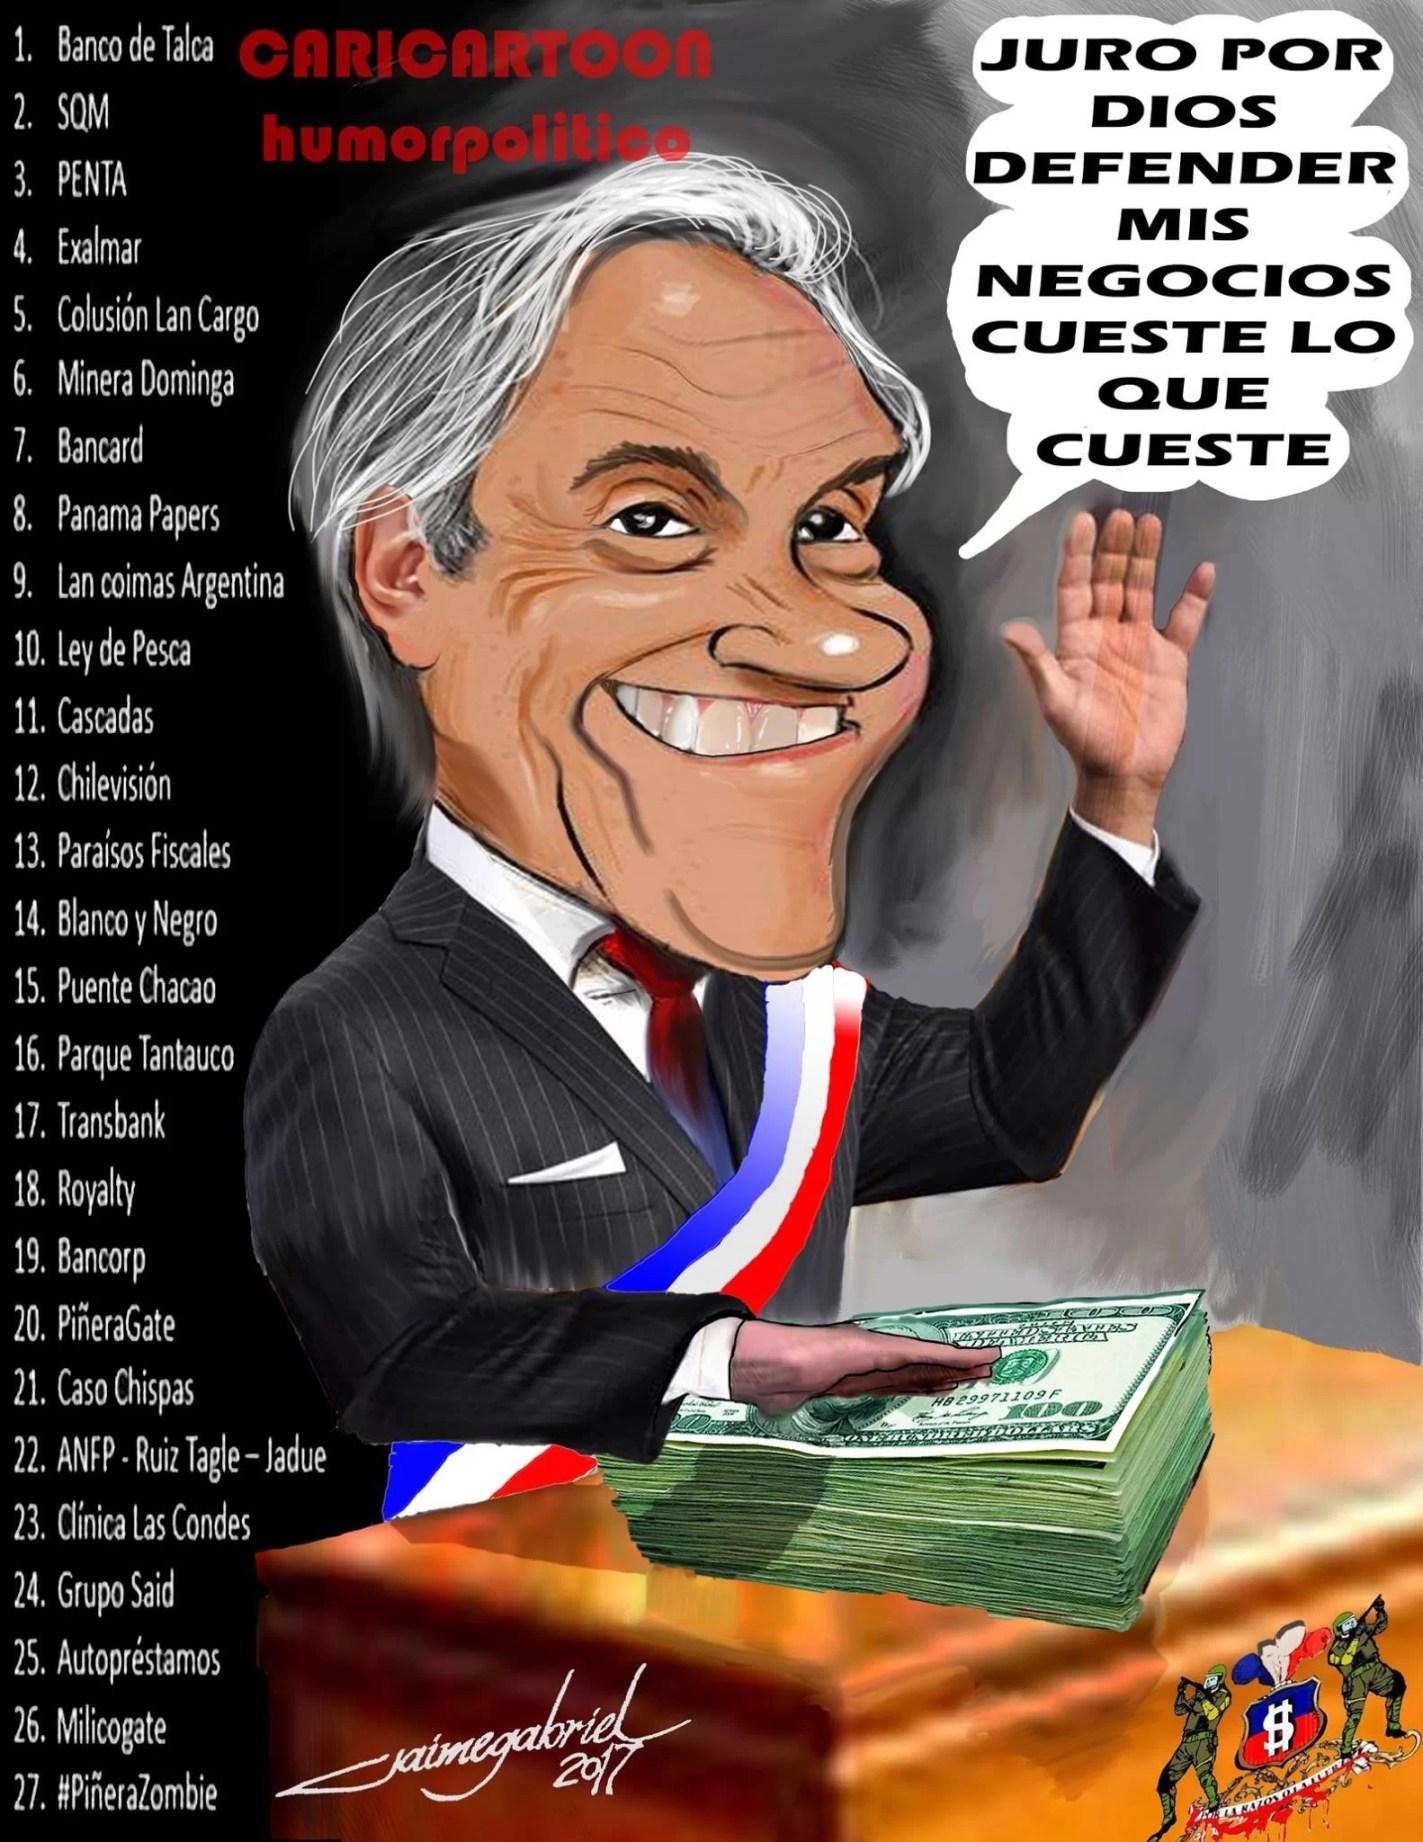 35 años robando y estafando: El escandaloso prontuario delictual de Sebastián Piñera